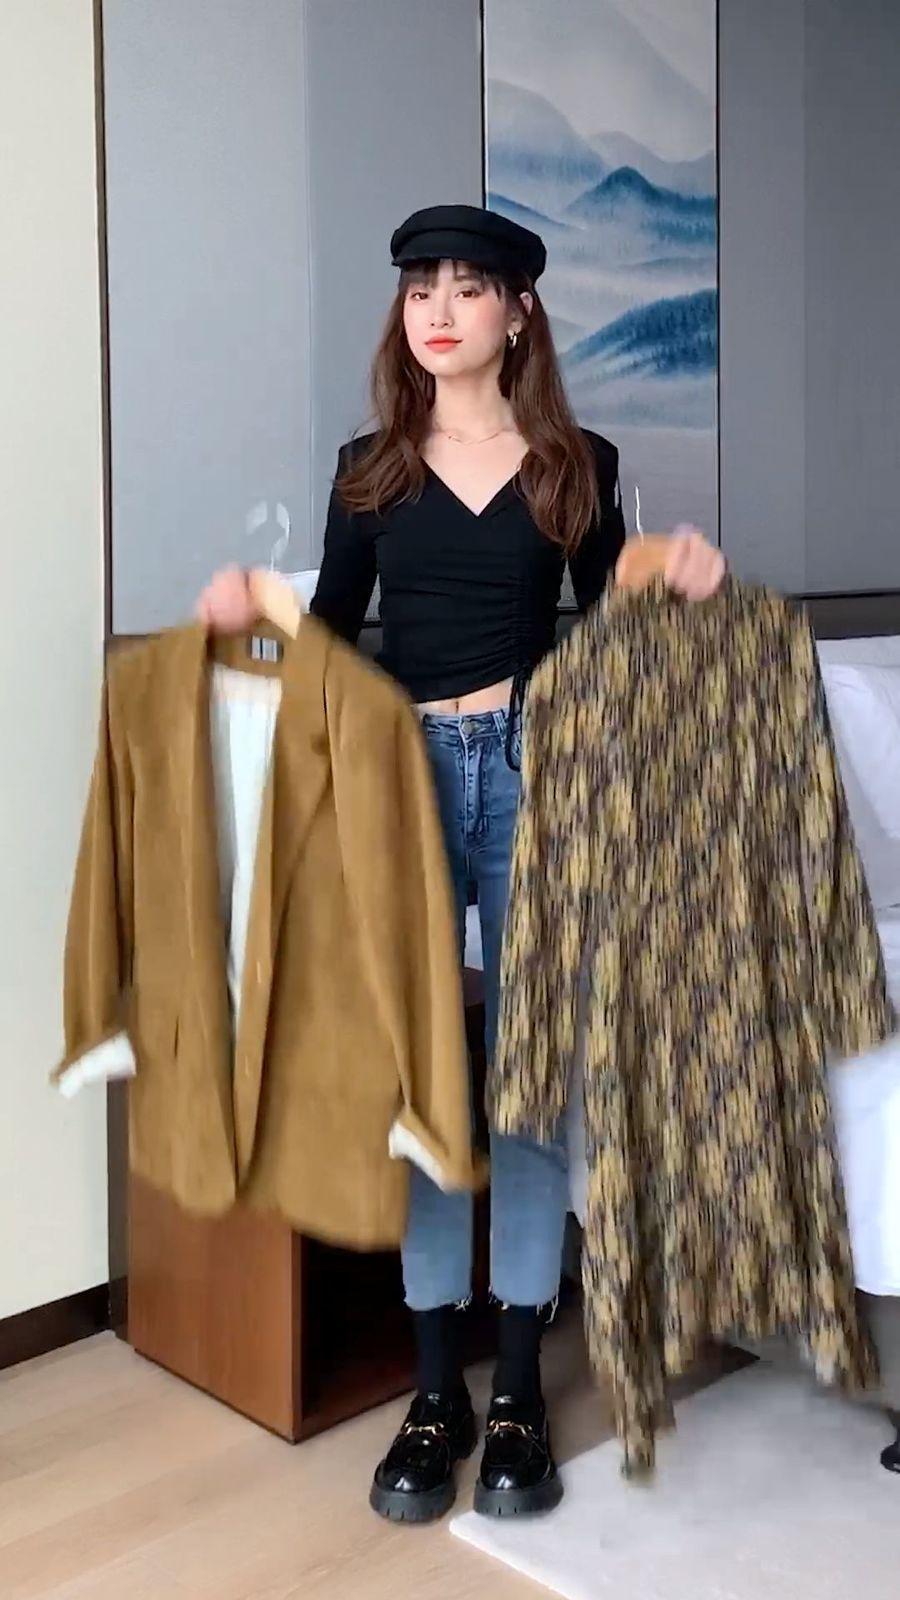 西装外套配连衣裙#vlog我的日常#